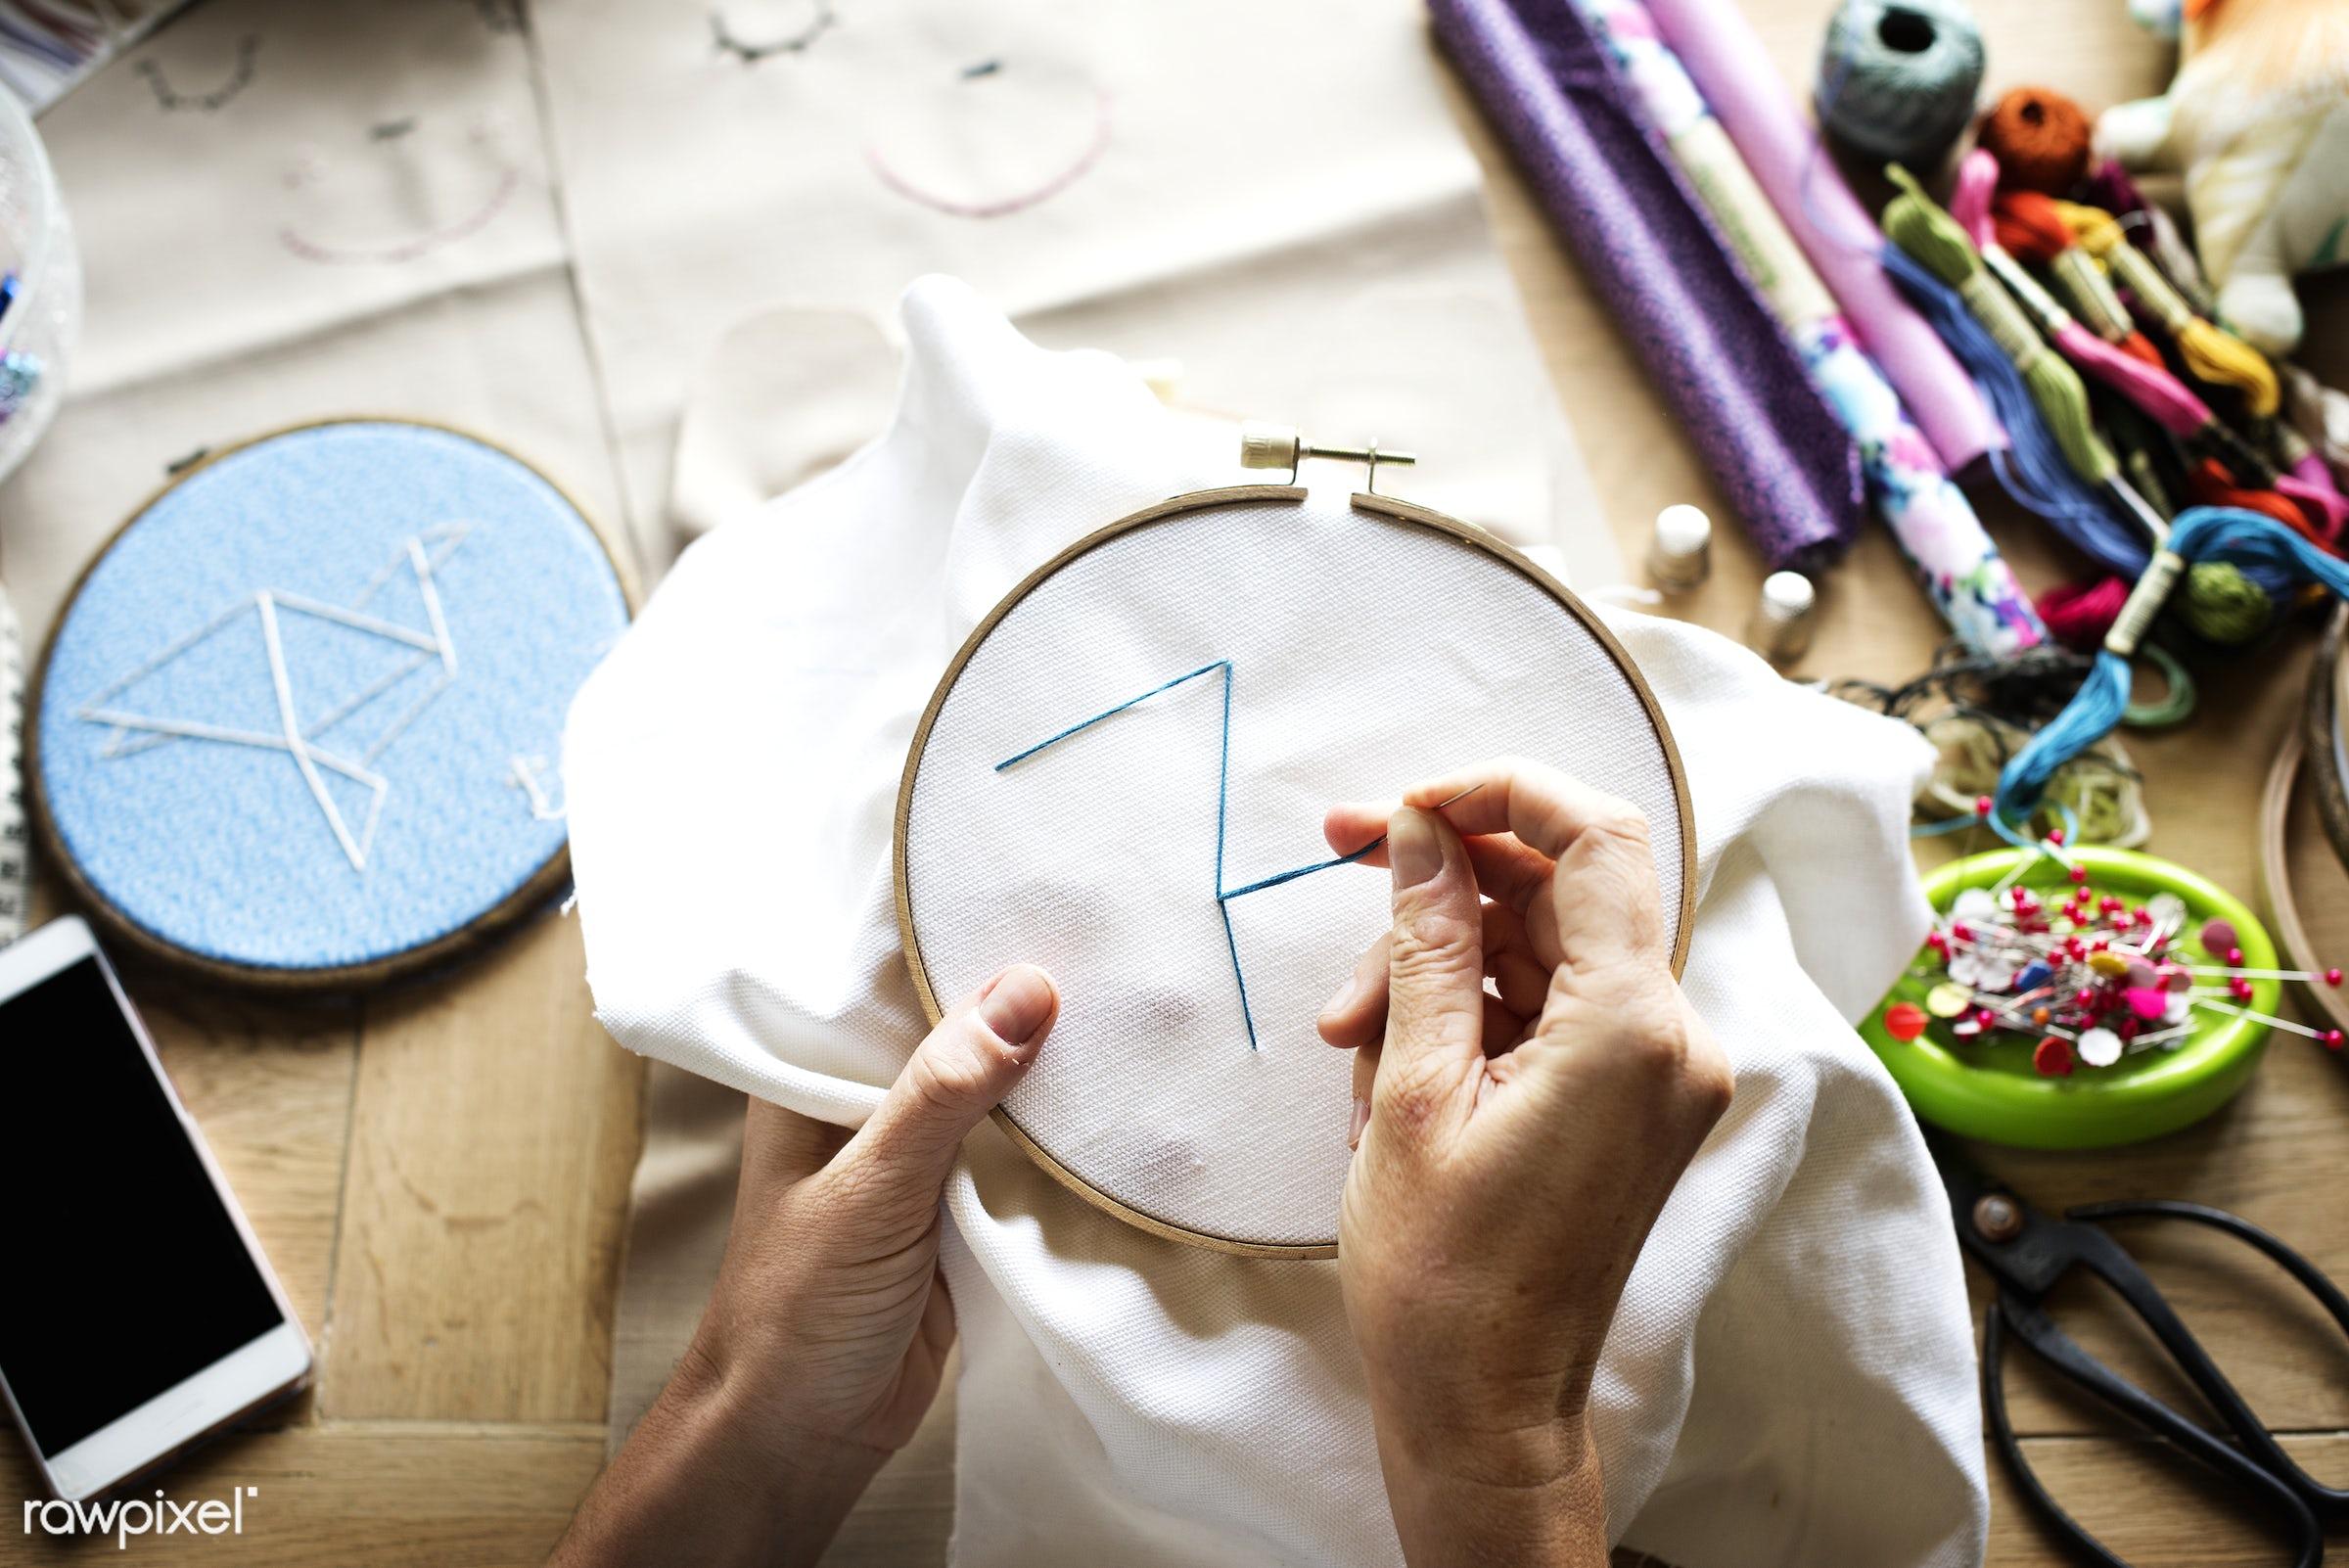 handicraft, homemade, handiwork, diy, accessory, hands, thread, handwork, embroidery hoop, closeup, handcraft, needlework,...